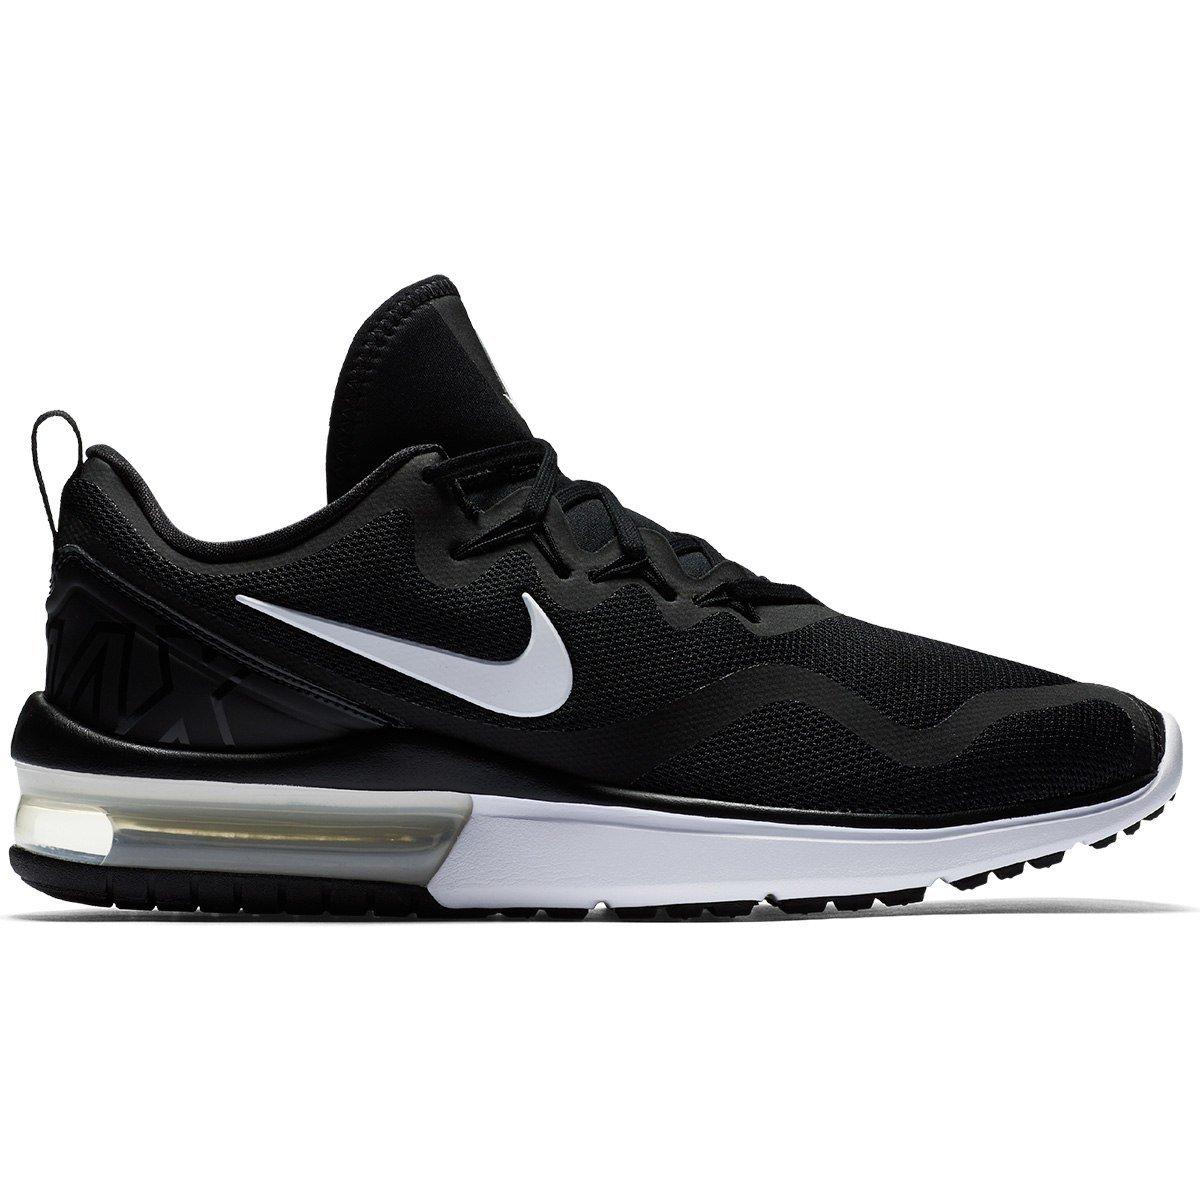 bafe29da8636c Tênis Nike Air Max Fury Masculino - Preto e Branco | Shop Timão